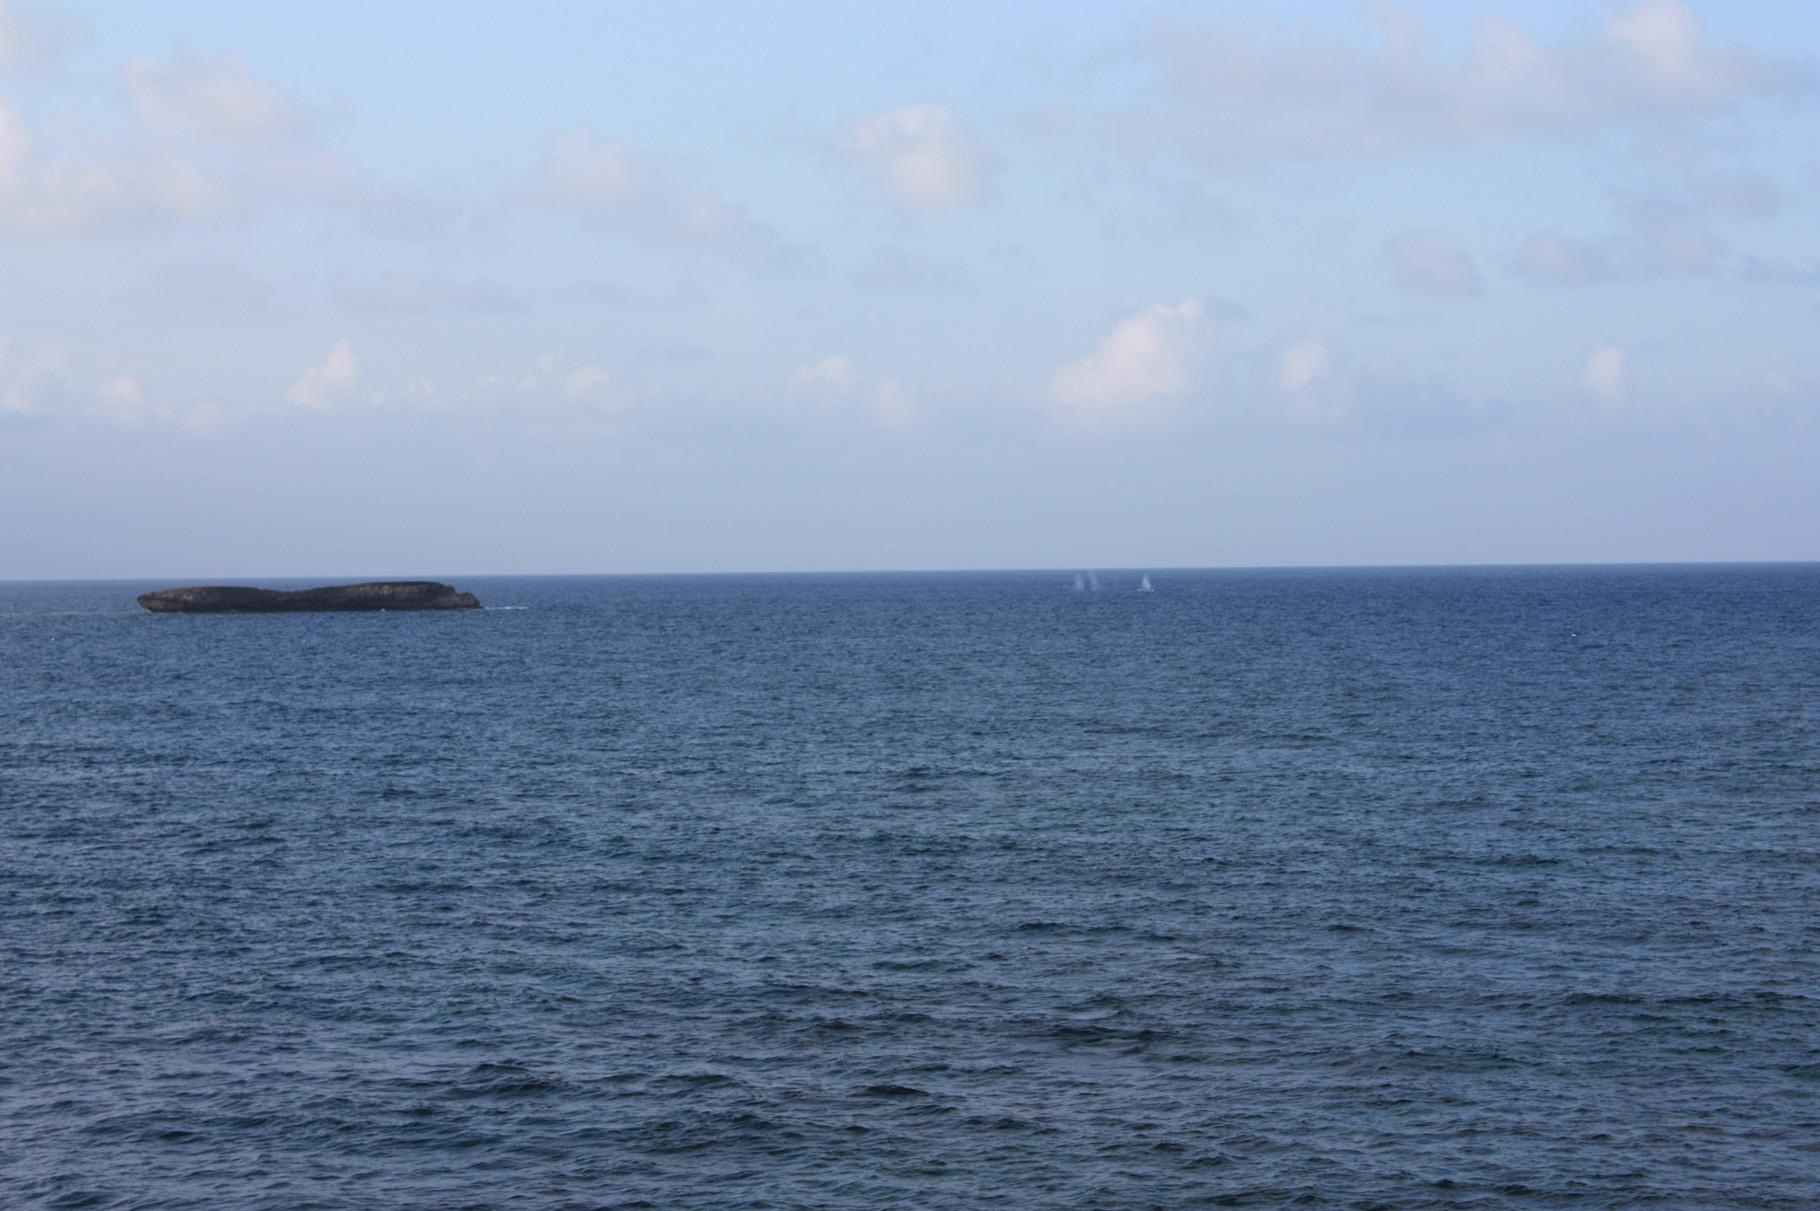 季節外れなのに、クジラが見えた!!すごい~